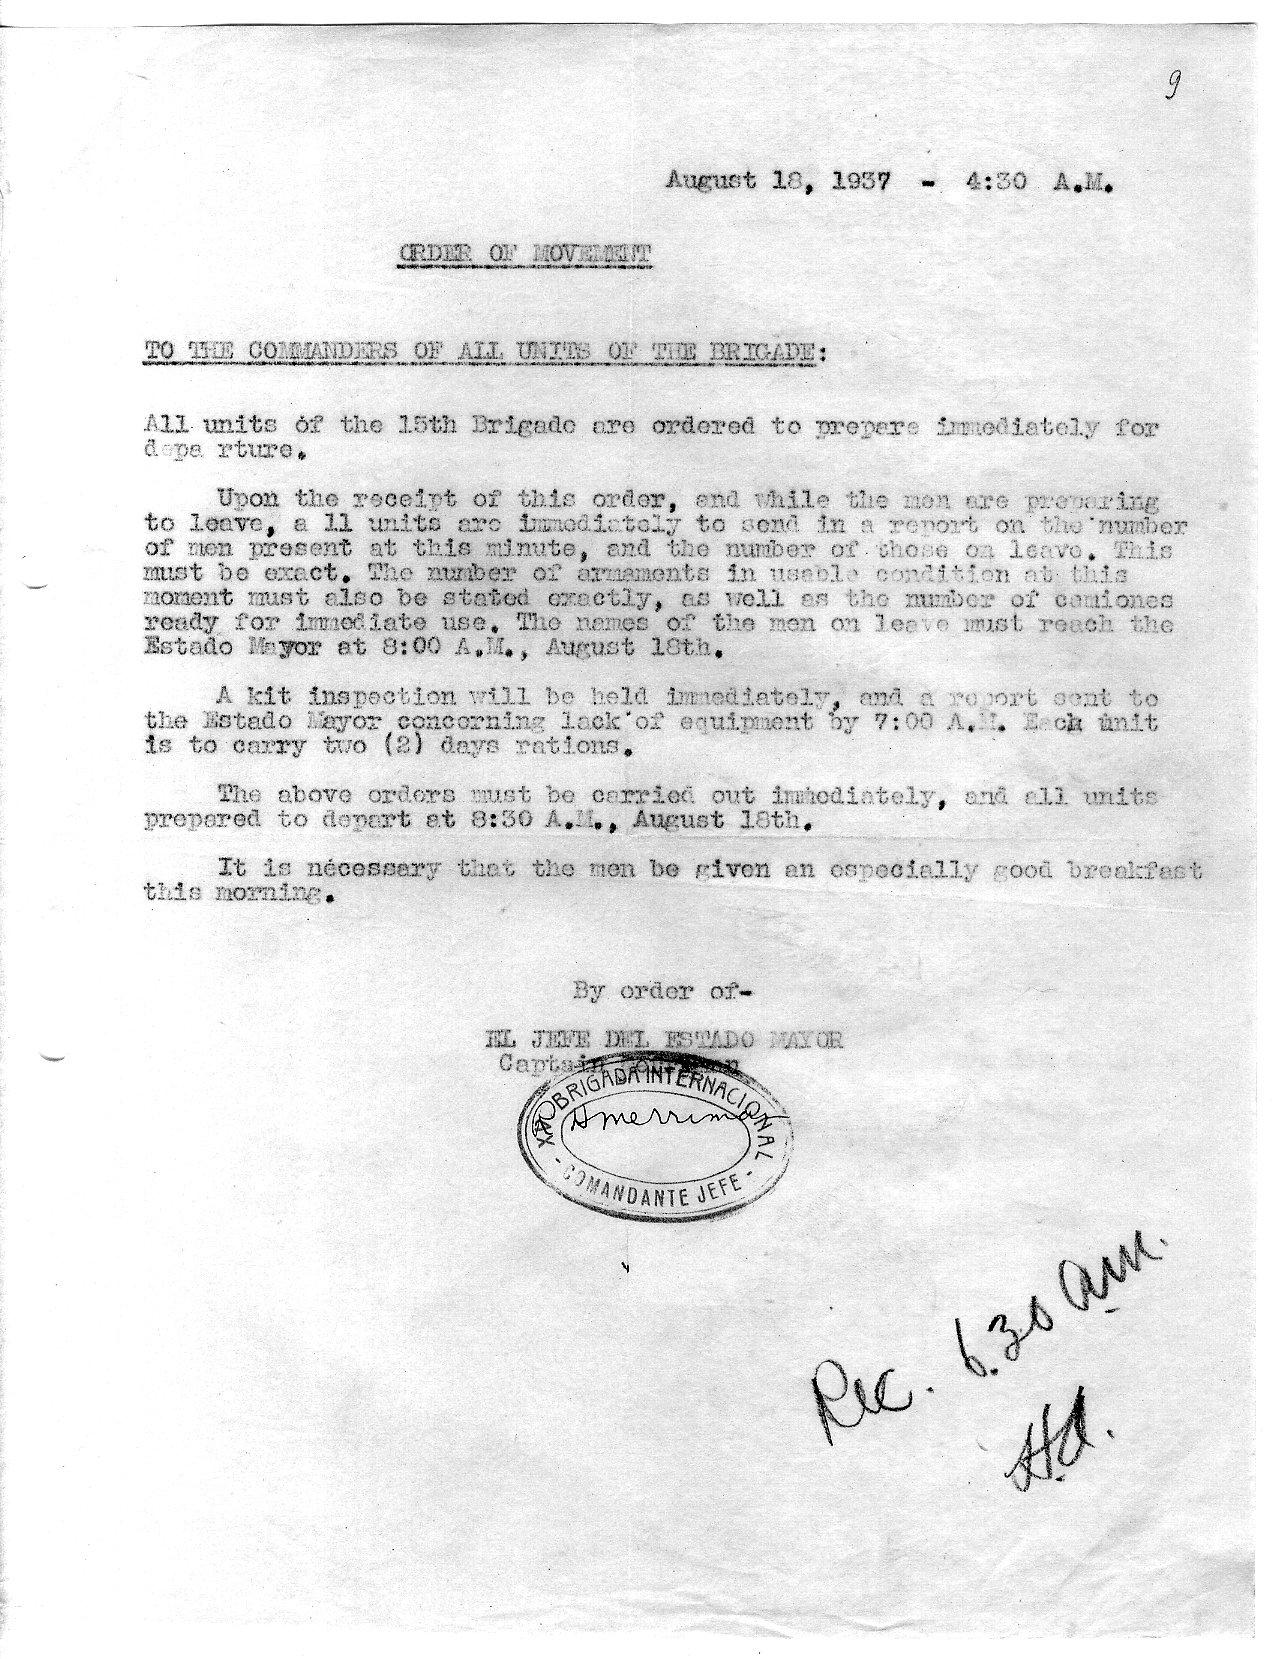 August 18, 1937 orders